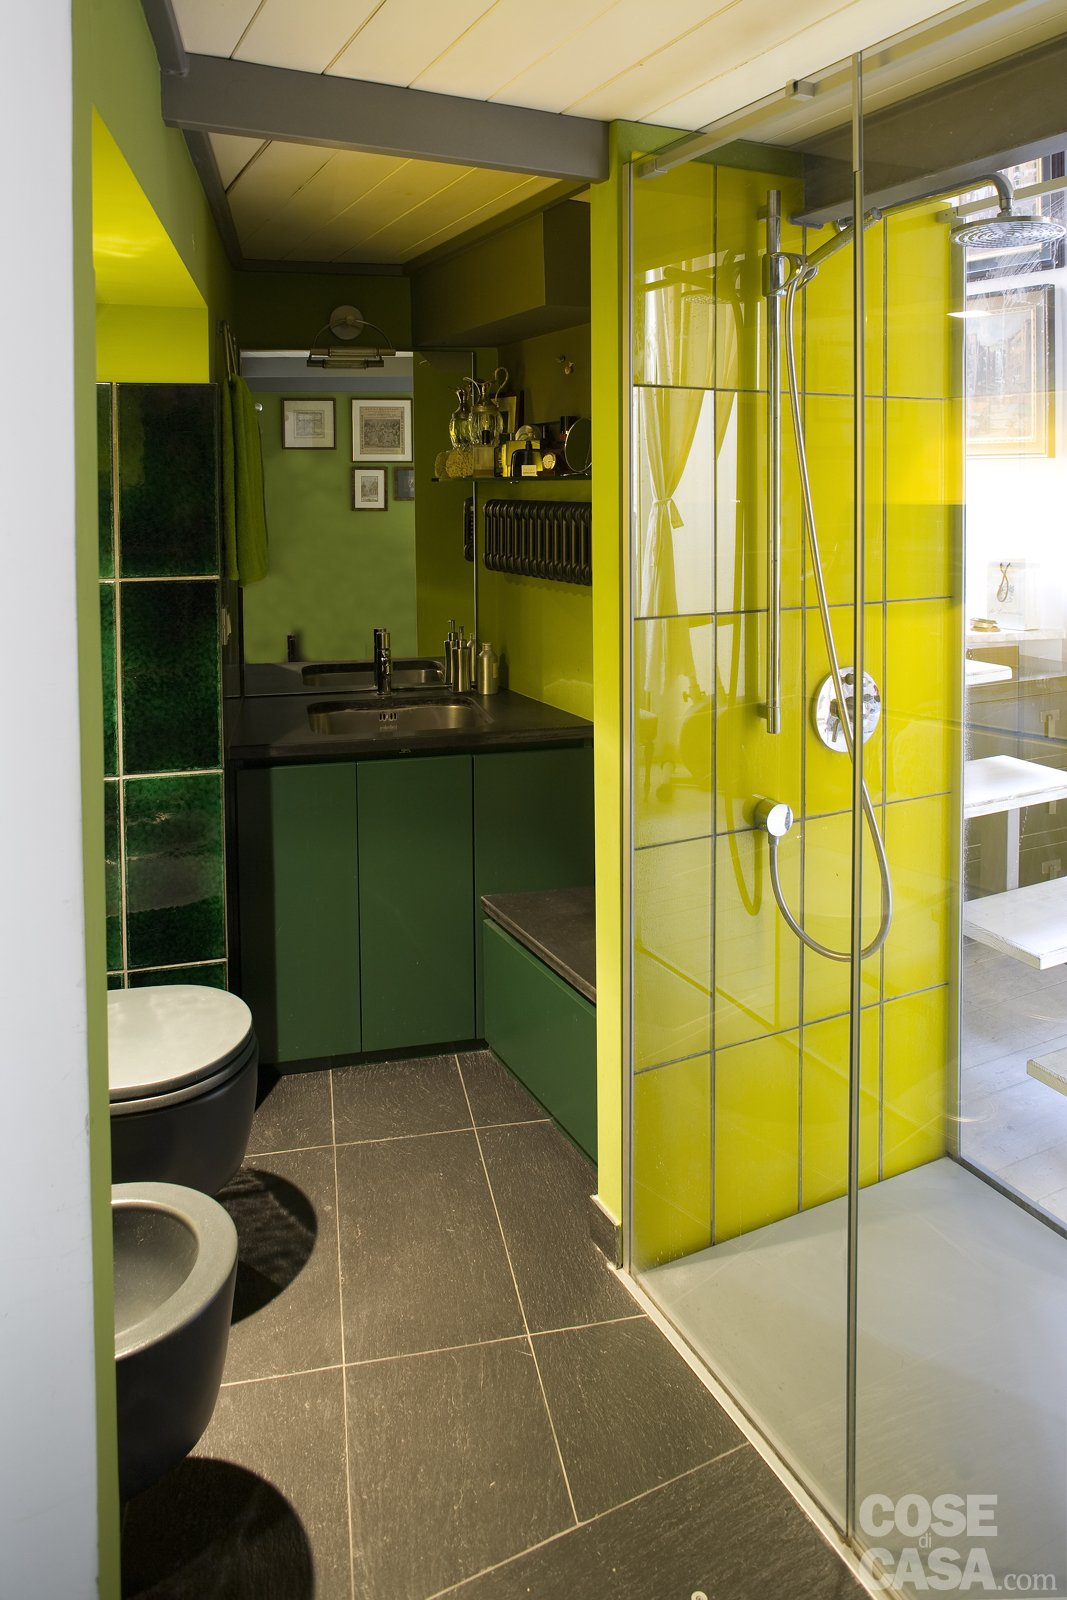 Casa piccola 43 mq soppalco per studio e cabina armadio - Bagno e cabina armadio ...